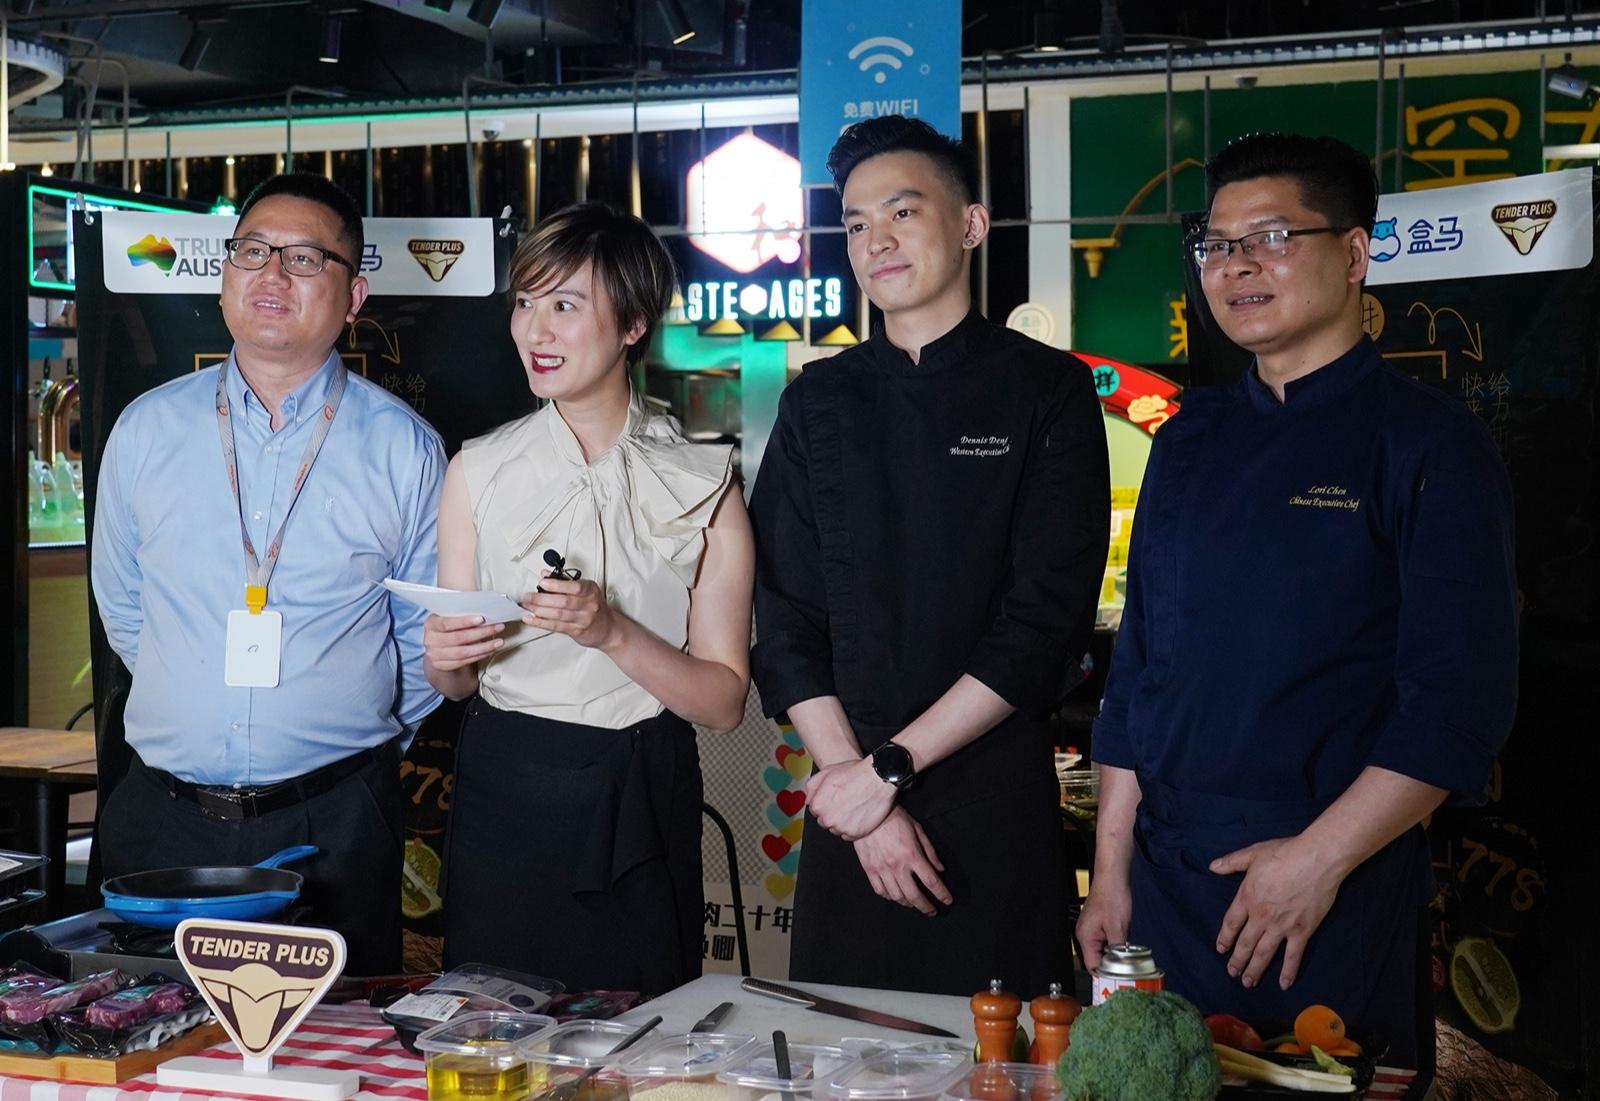 力推冰鲜牛肉,澳洲肉协携手盒马在南京直播品澳牛